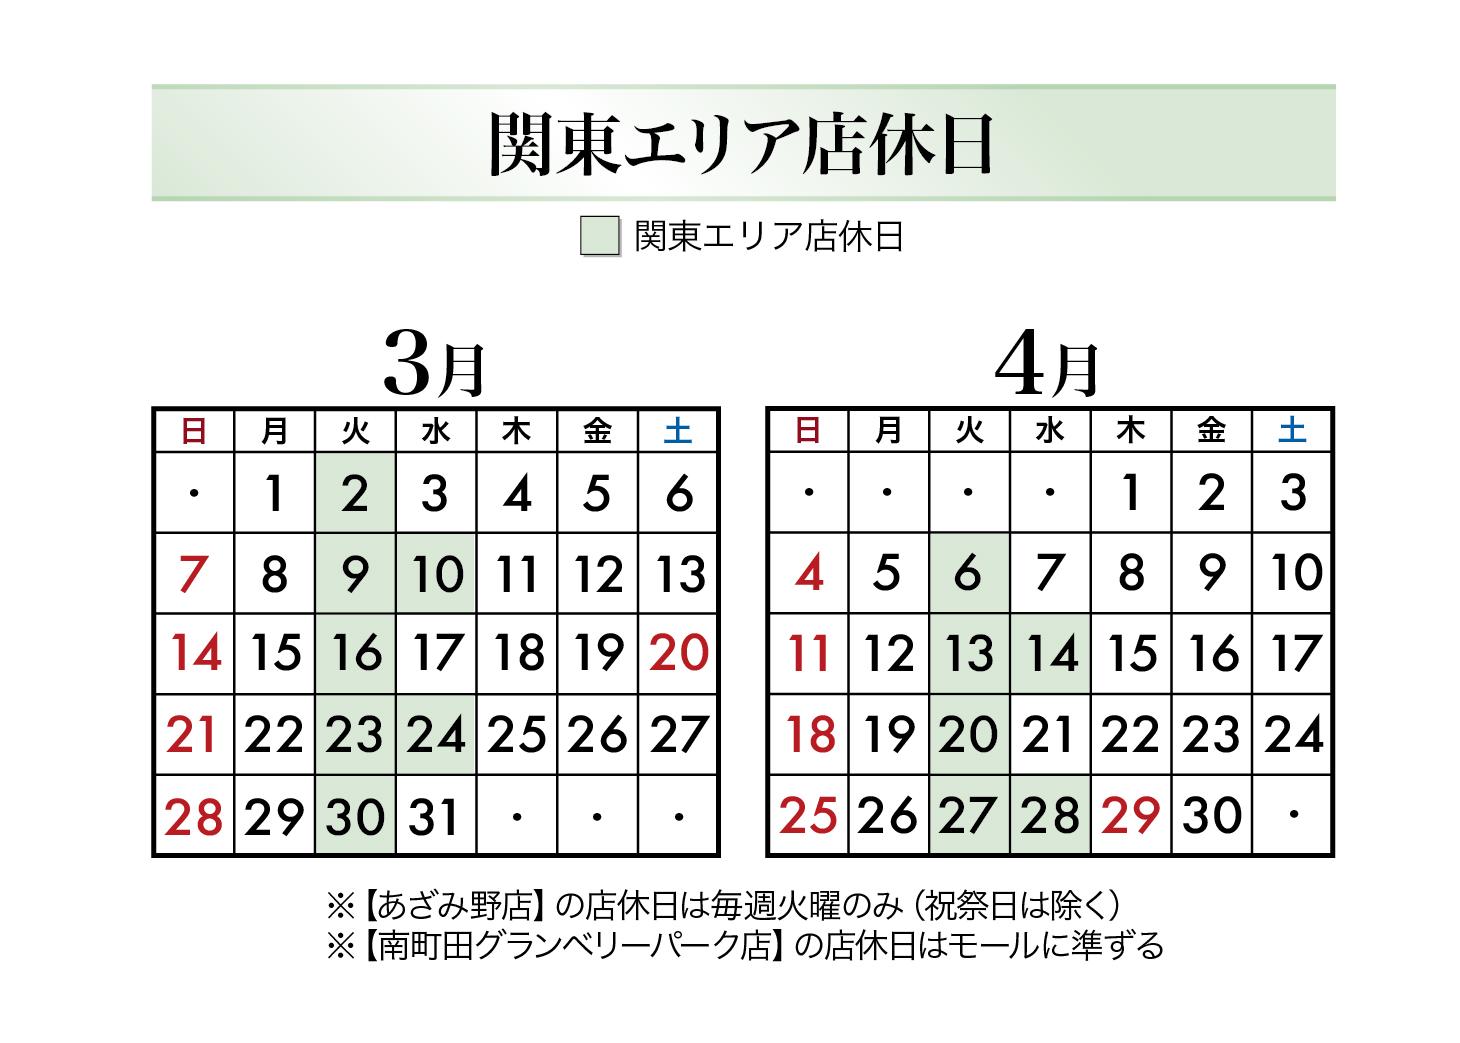 関東エリア店休日